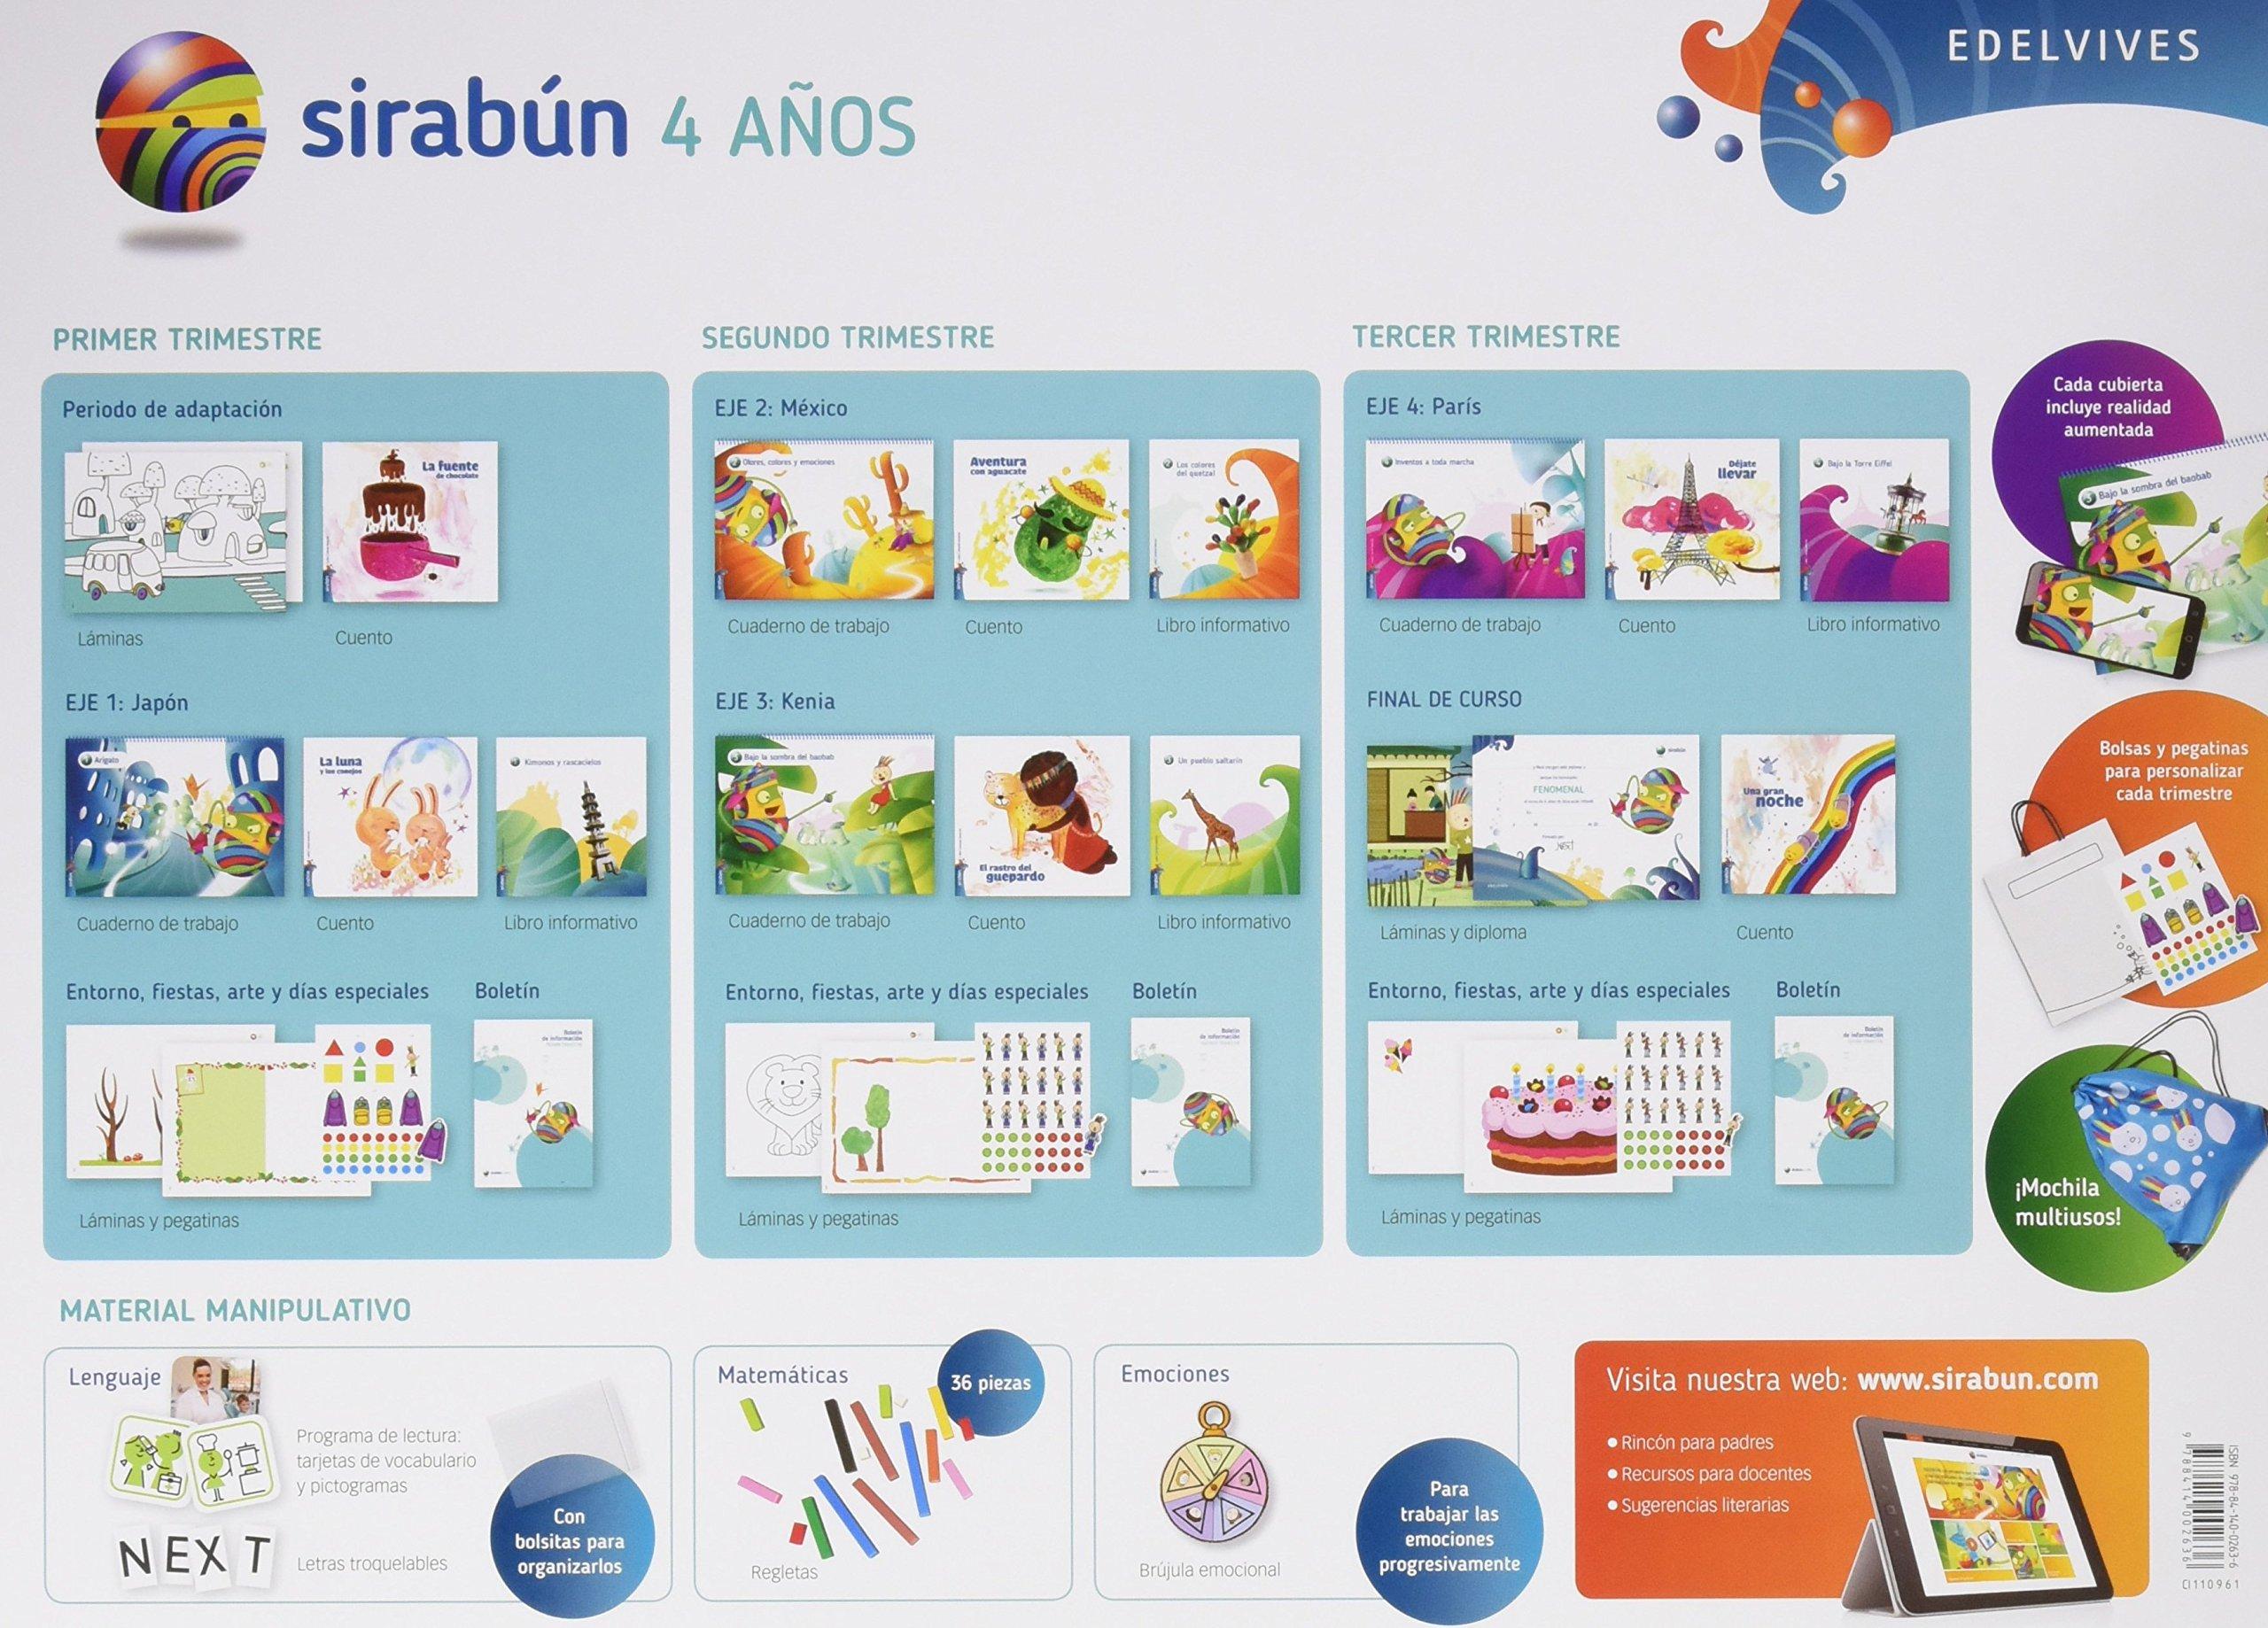 Sirabun-4 años - 9788414002636: Amazon.es: Rosa Mª Iglesias ...